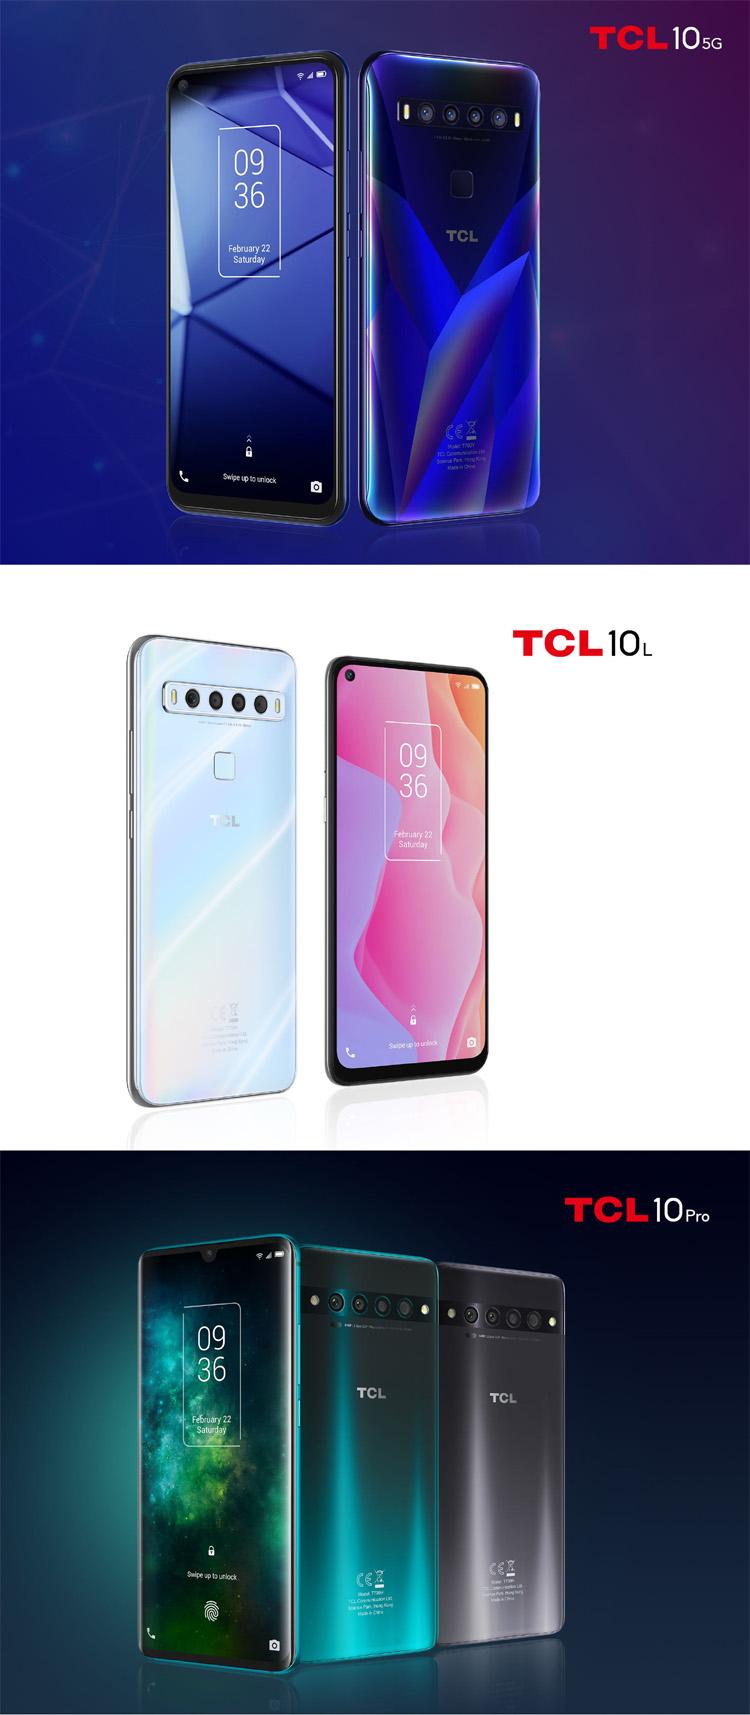 TCL Communication dévoile sa nouvelle gamme de smartphones dont un premier téléphone 5G